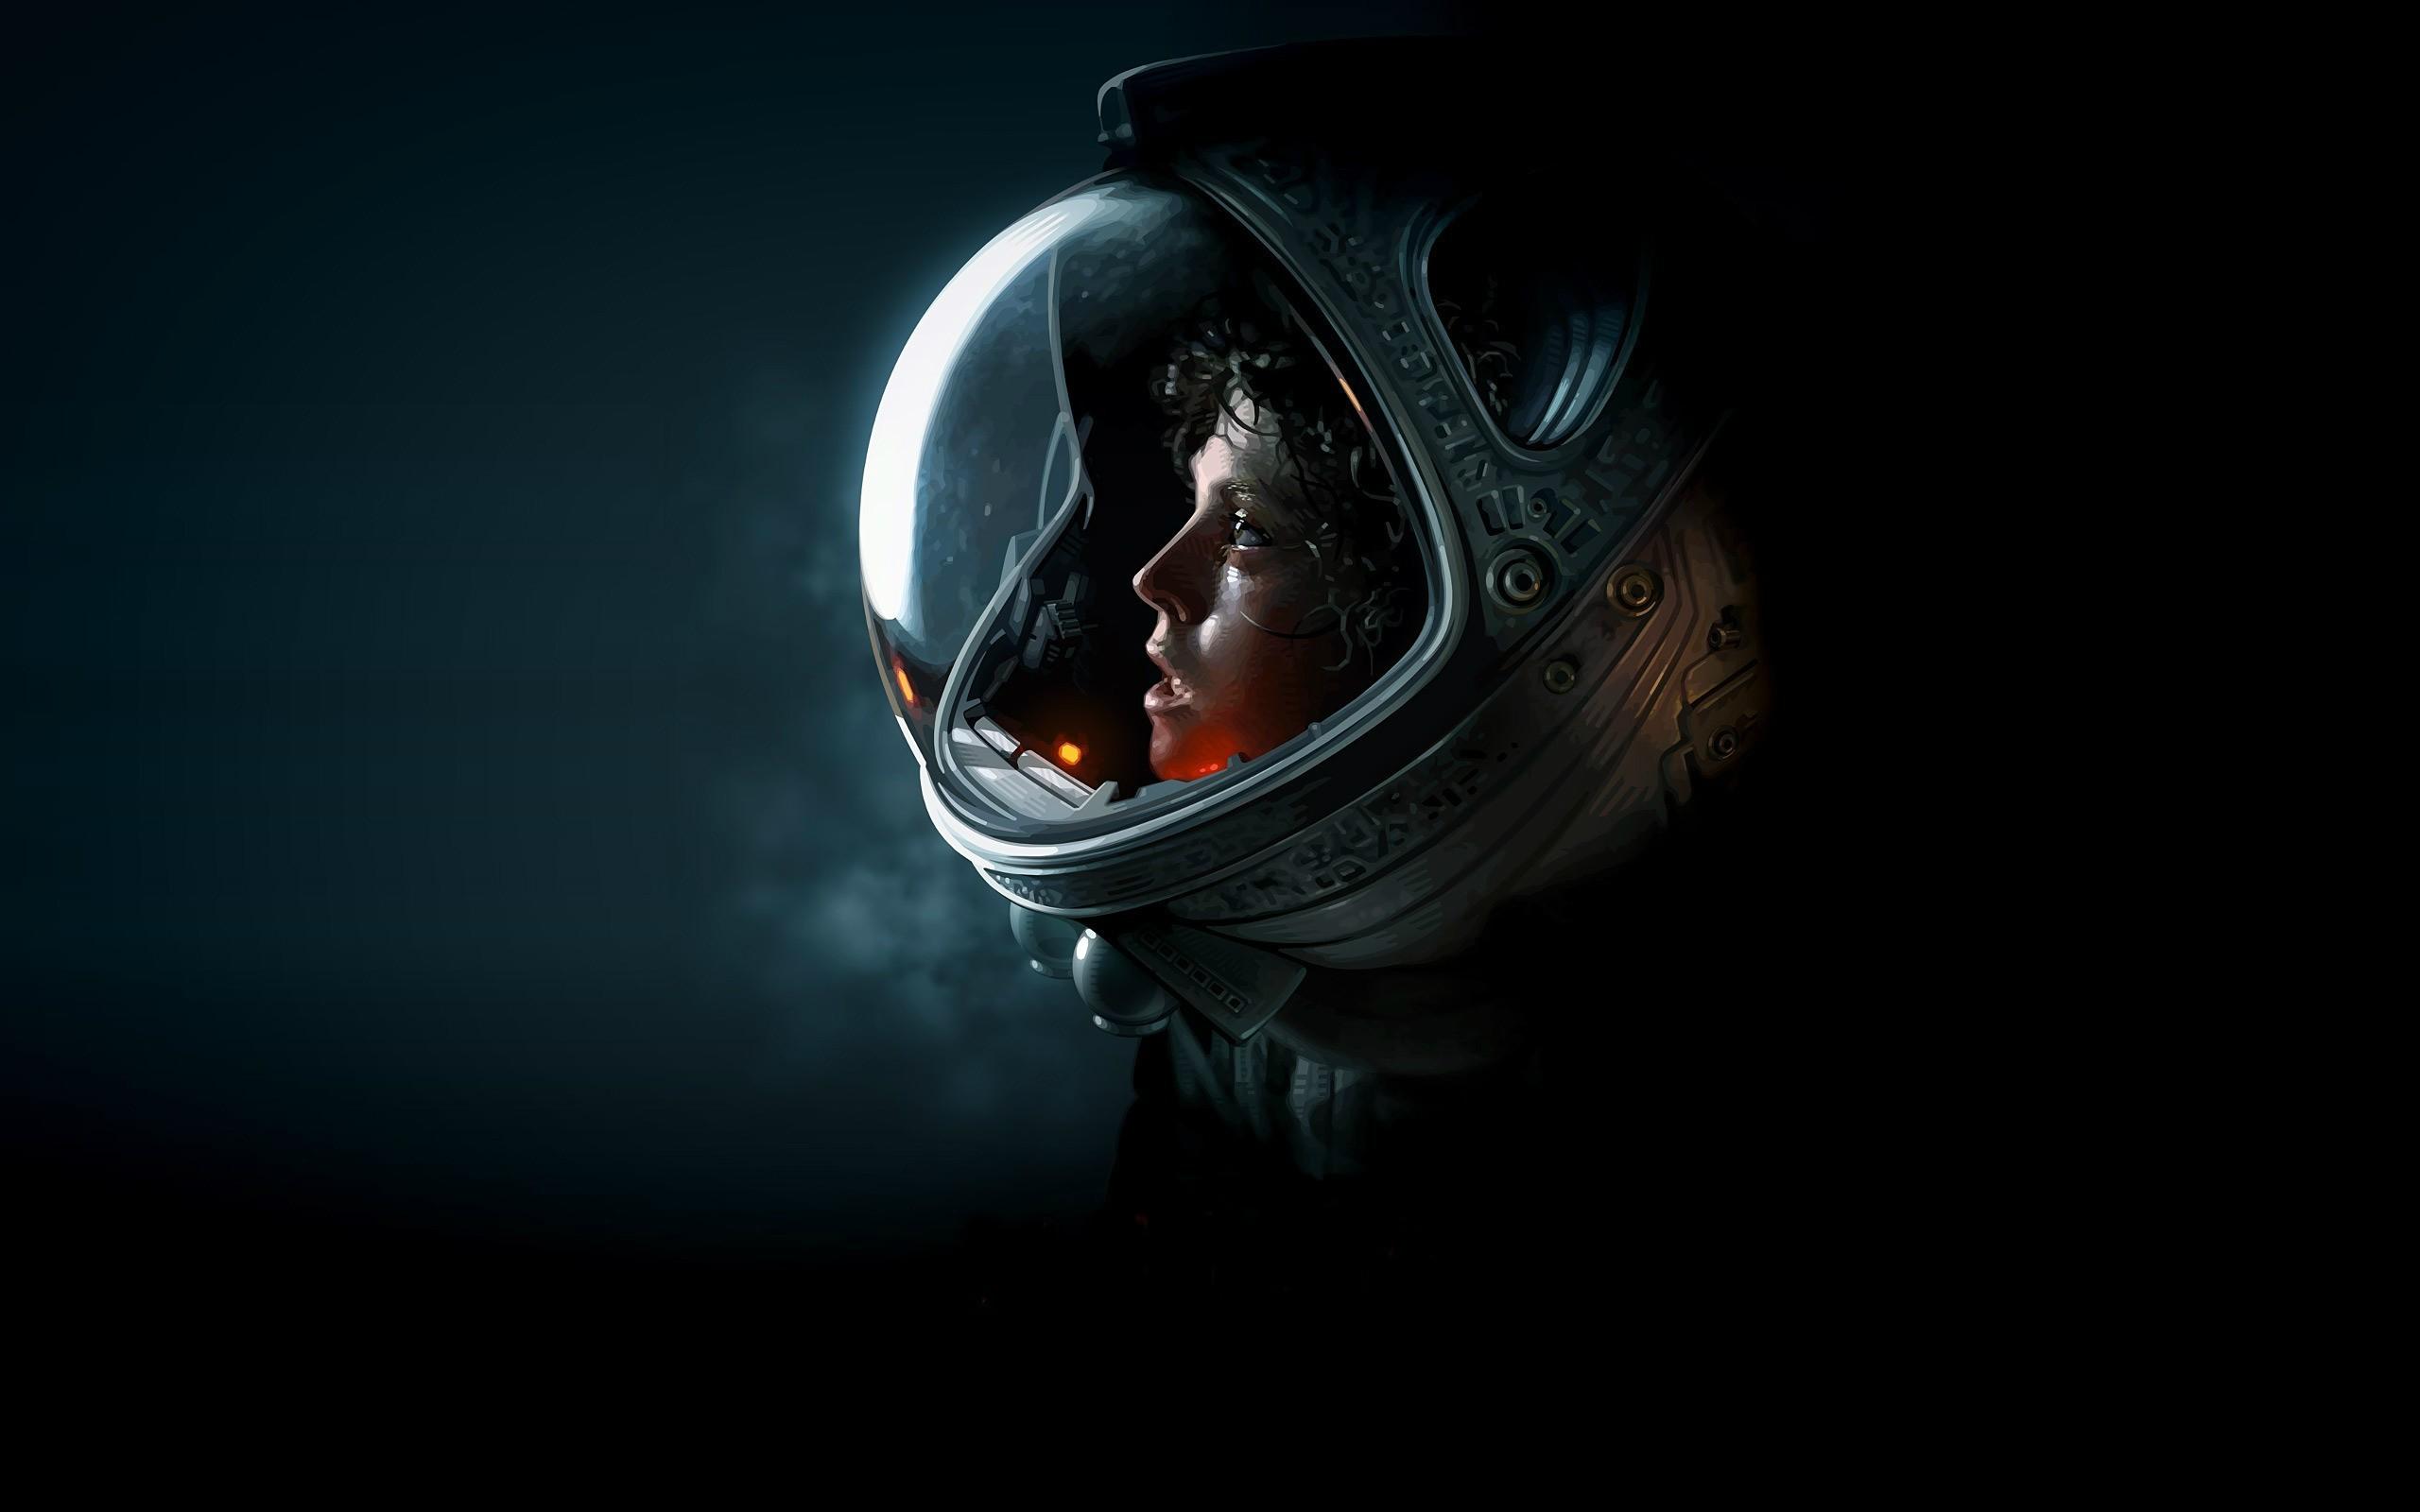 wallpaper : artwork, science fiction, alien movie, space suit, ellen